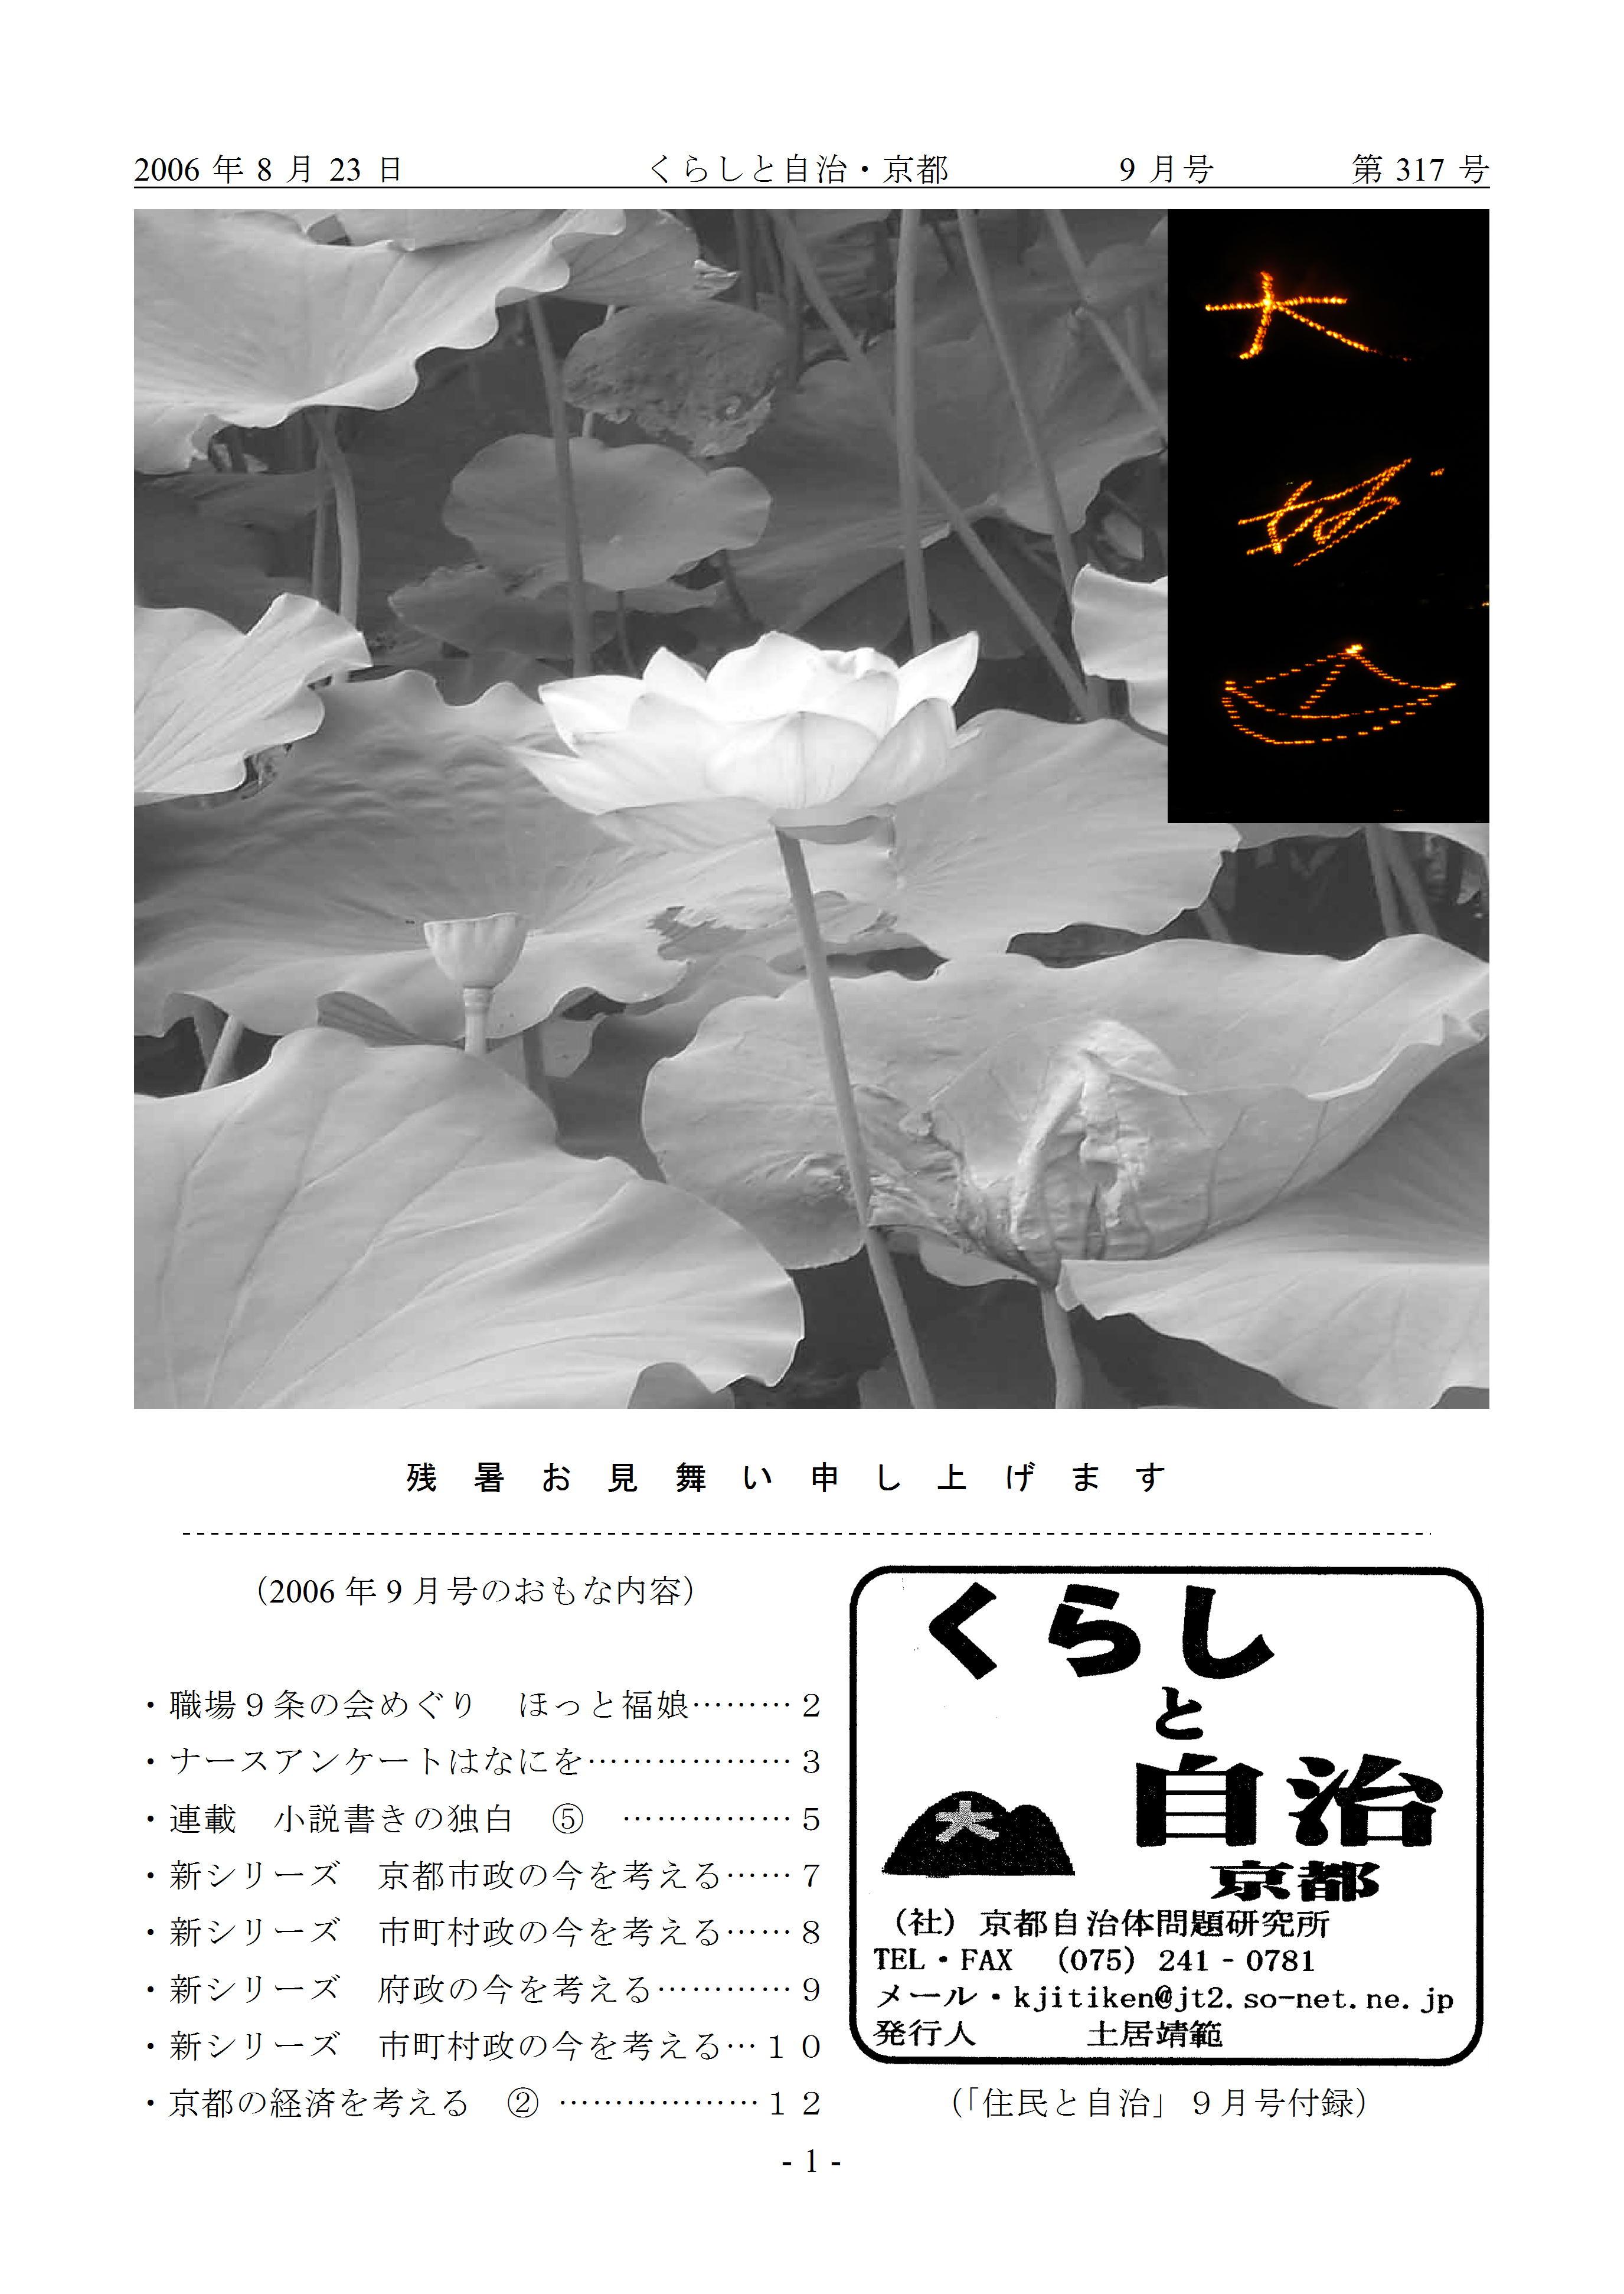 月報「くらしと自治・京都」2006年09月号 第317号